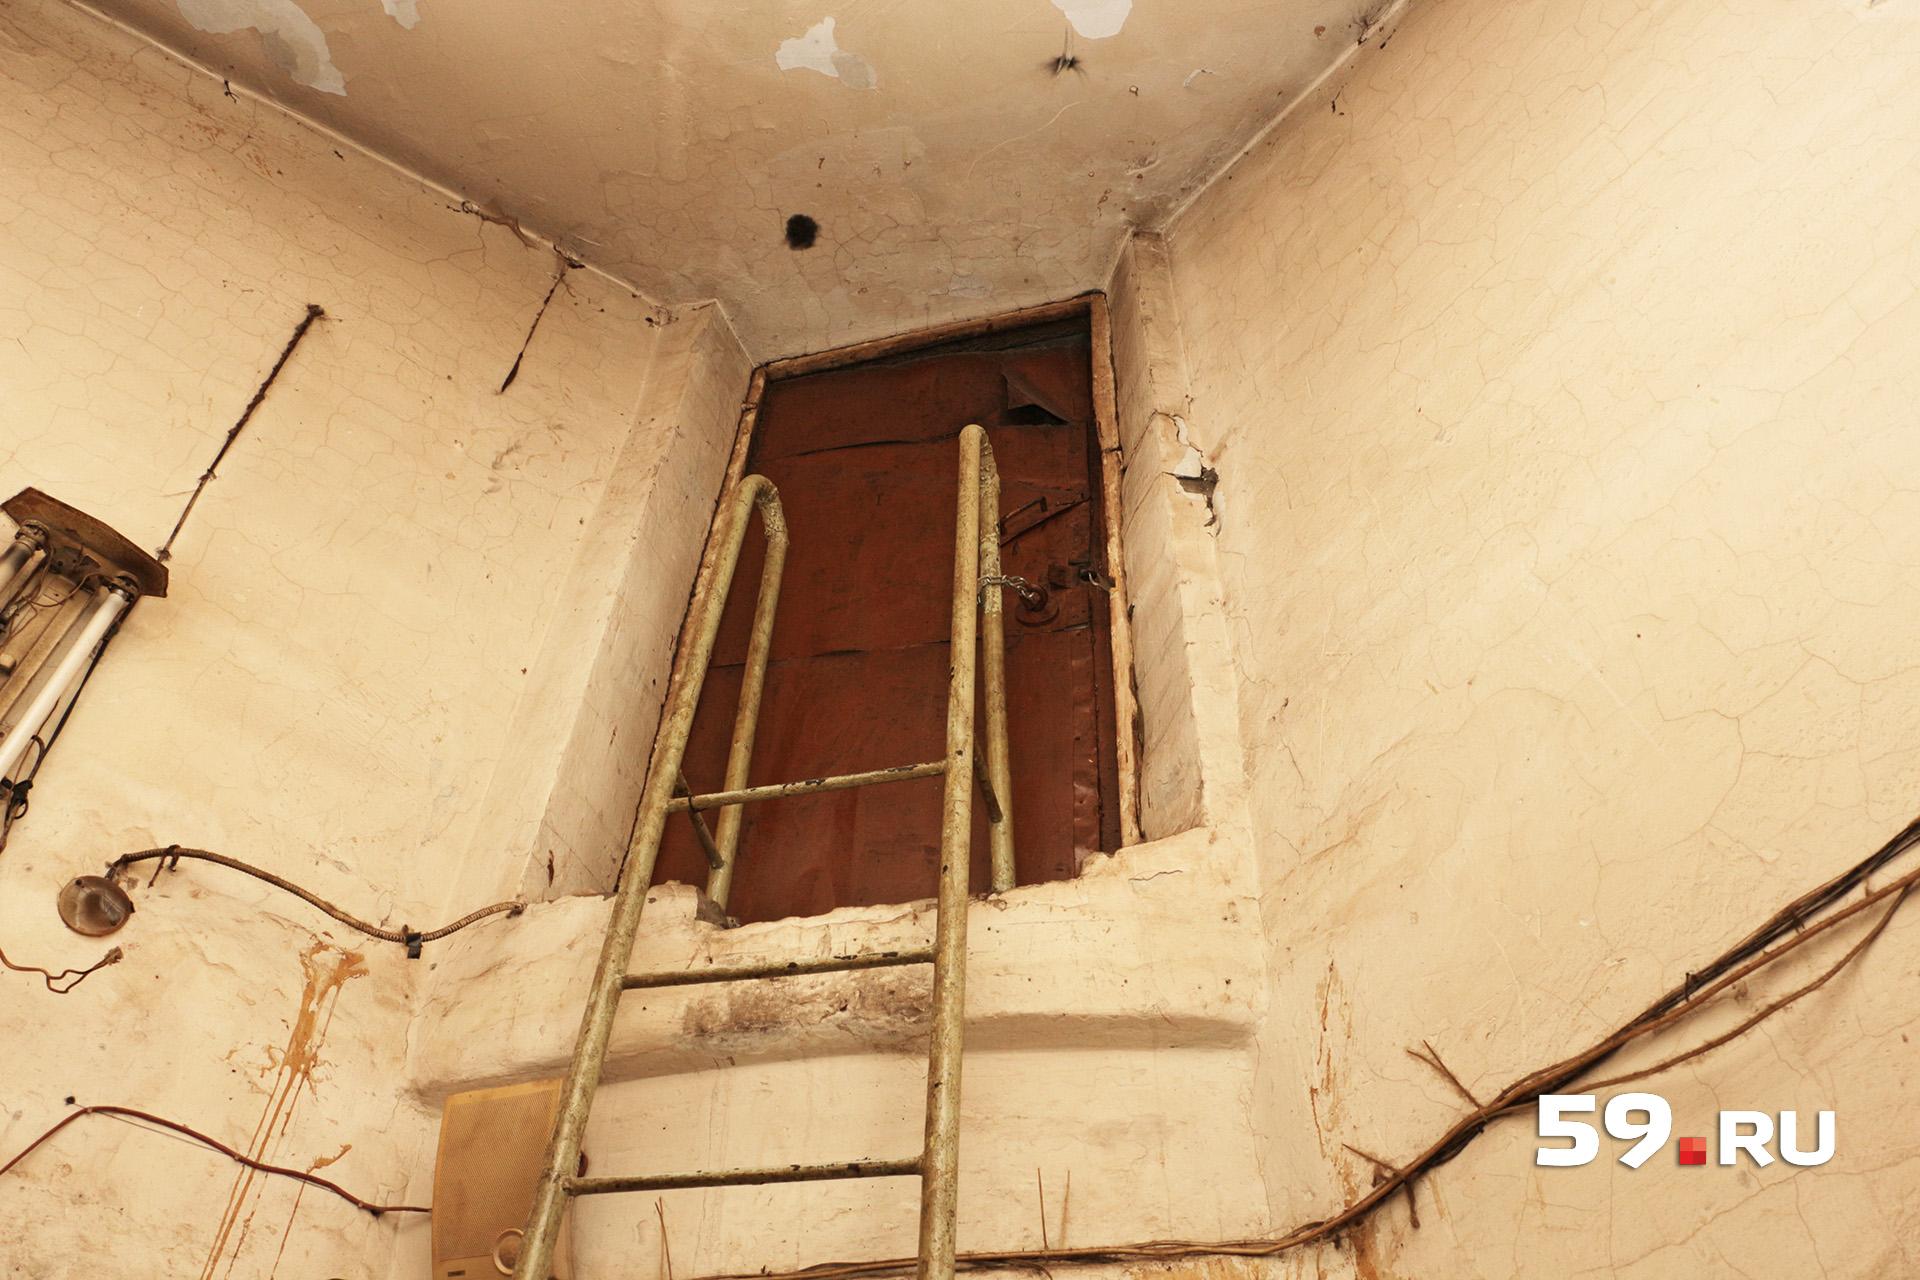 На башню ведет лестница, но дверь закрыта